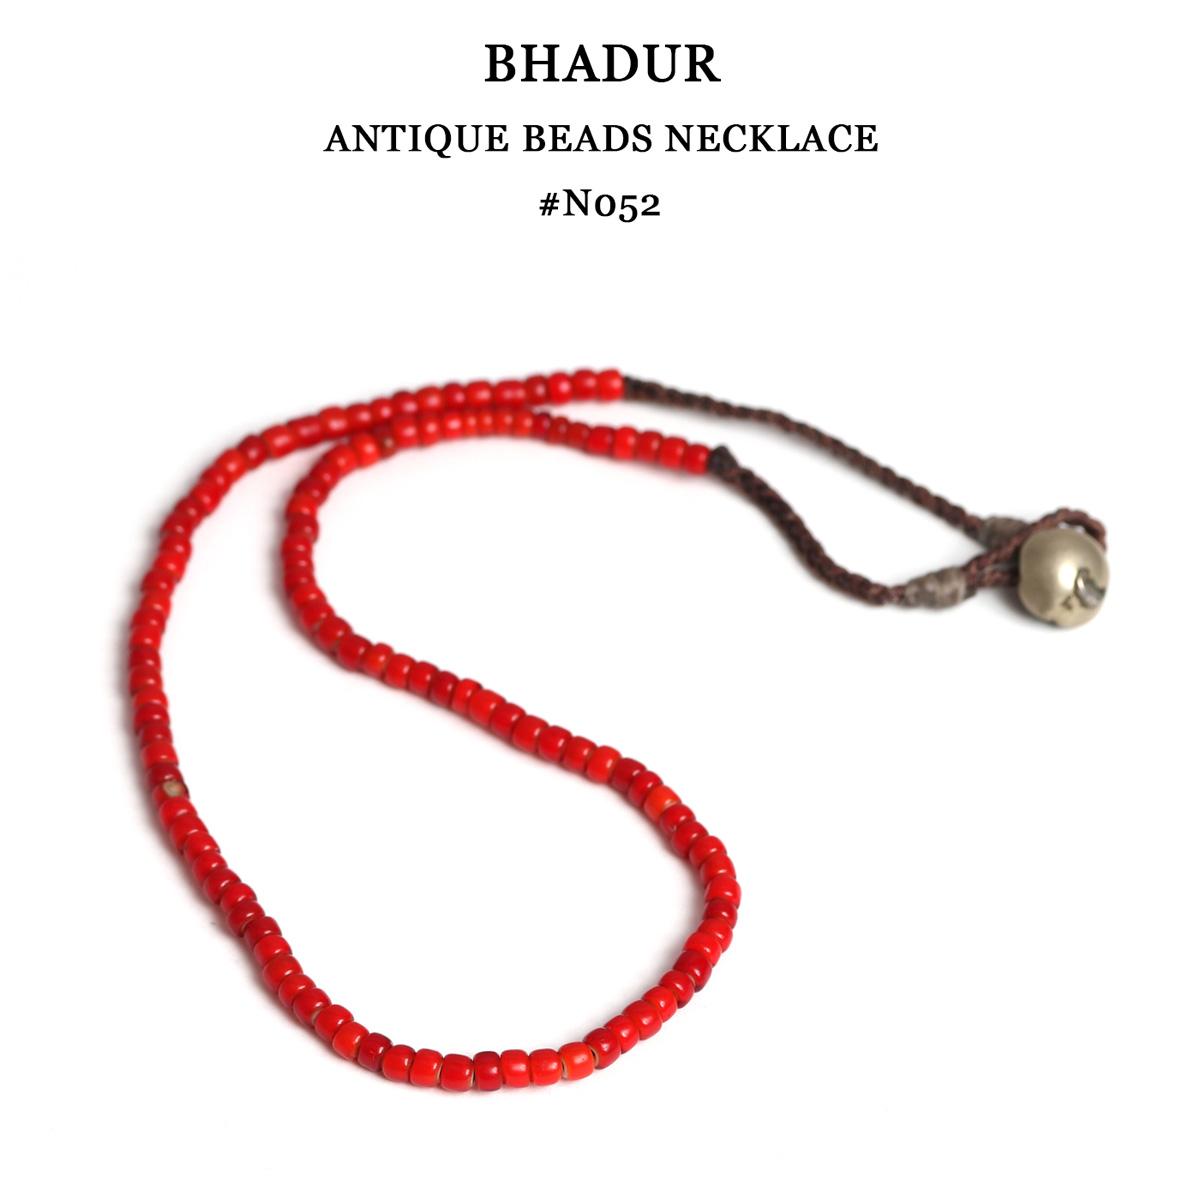 【メール便配送】 BHADUR バハドゥール アンティークビーズネックレス RED WHITE HEART BEADS×OLD SILVER ネックレス アクセサリー #ABN052